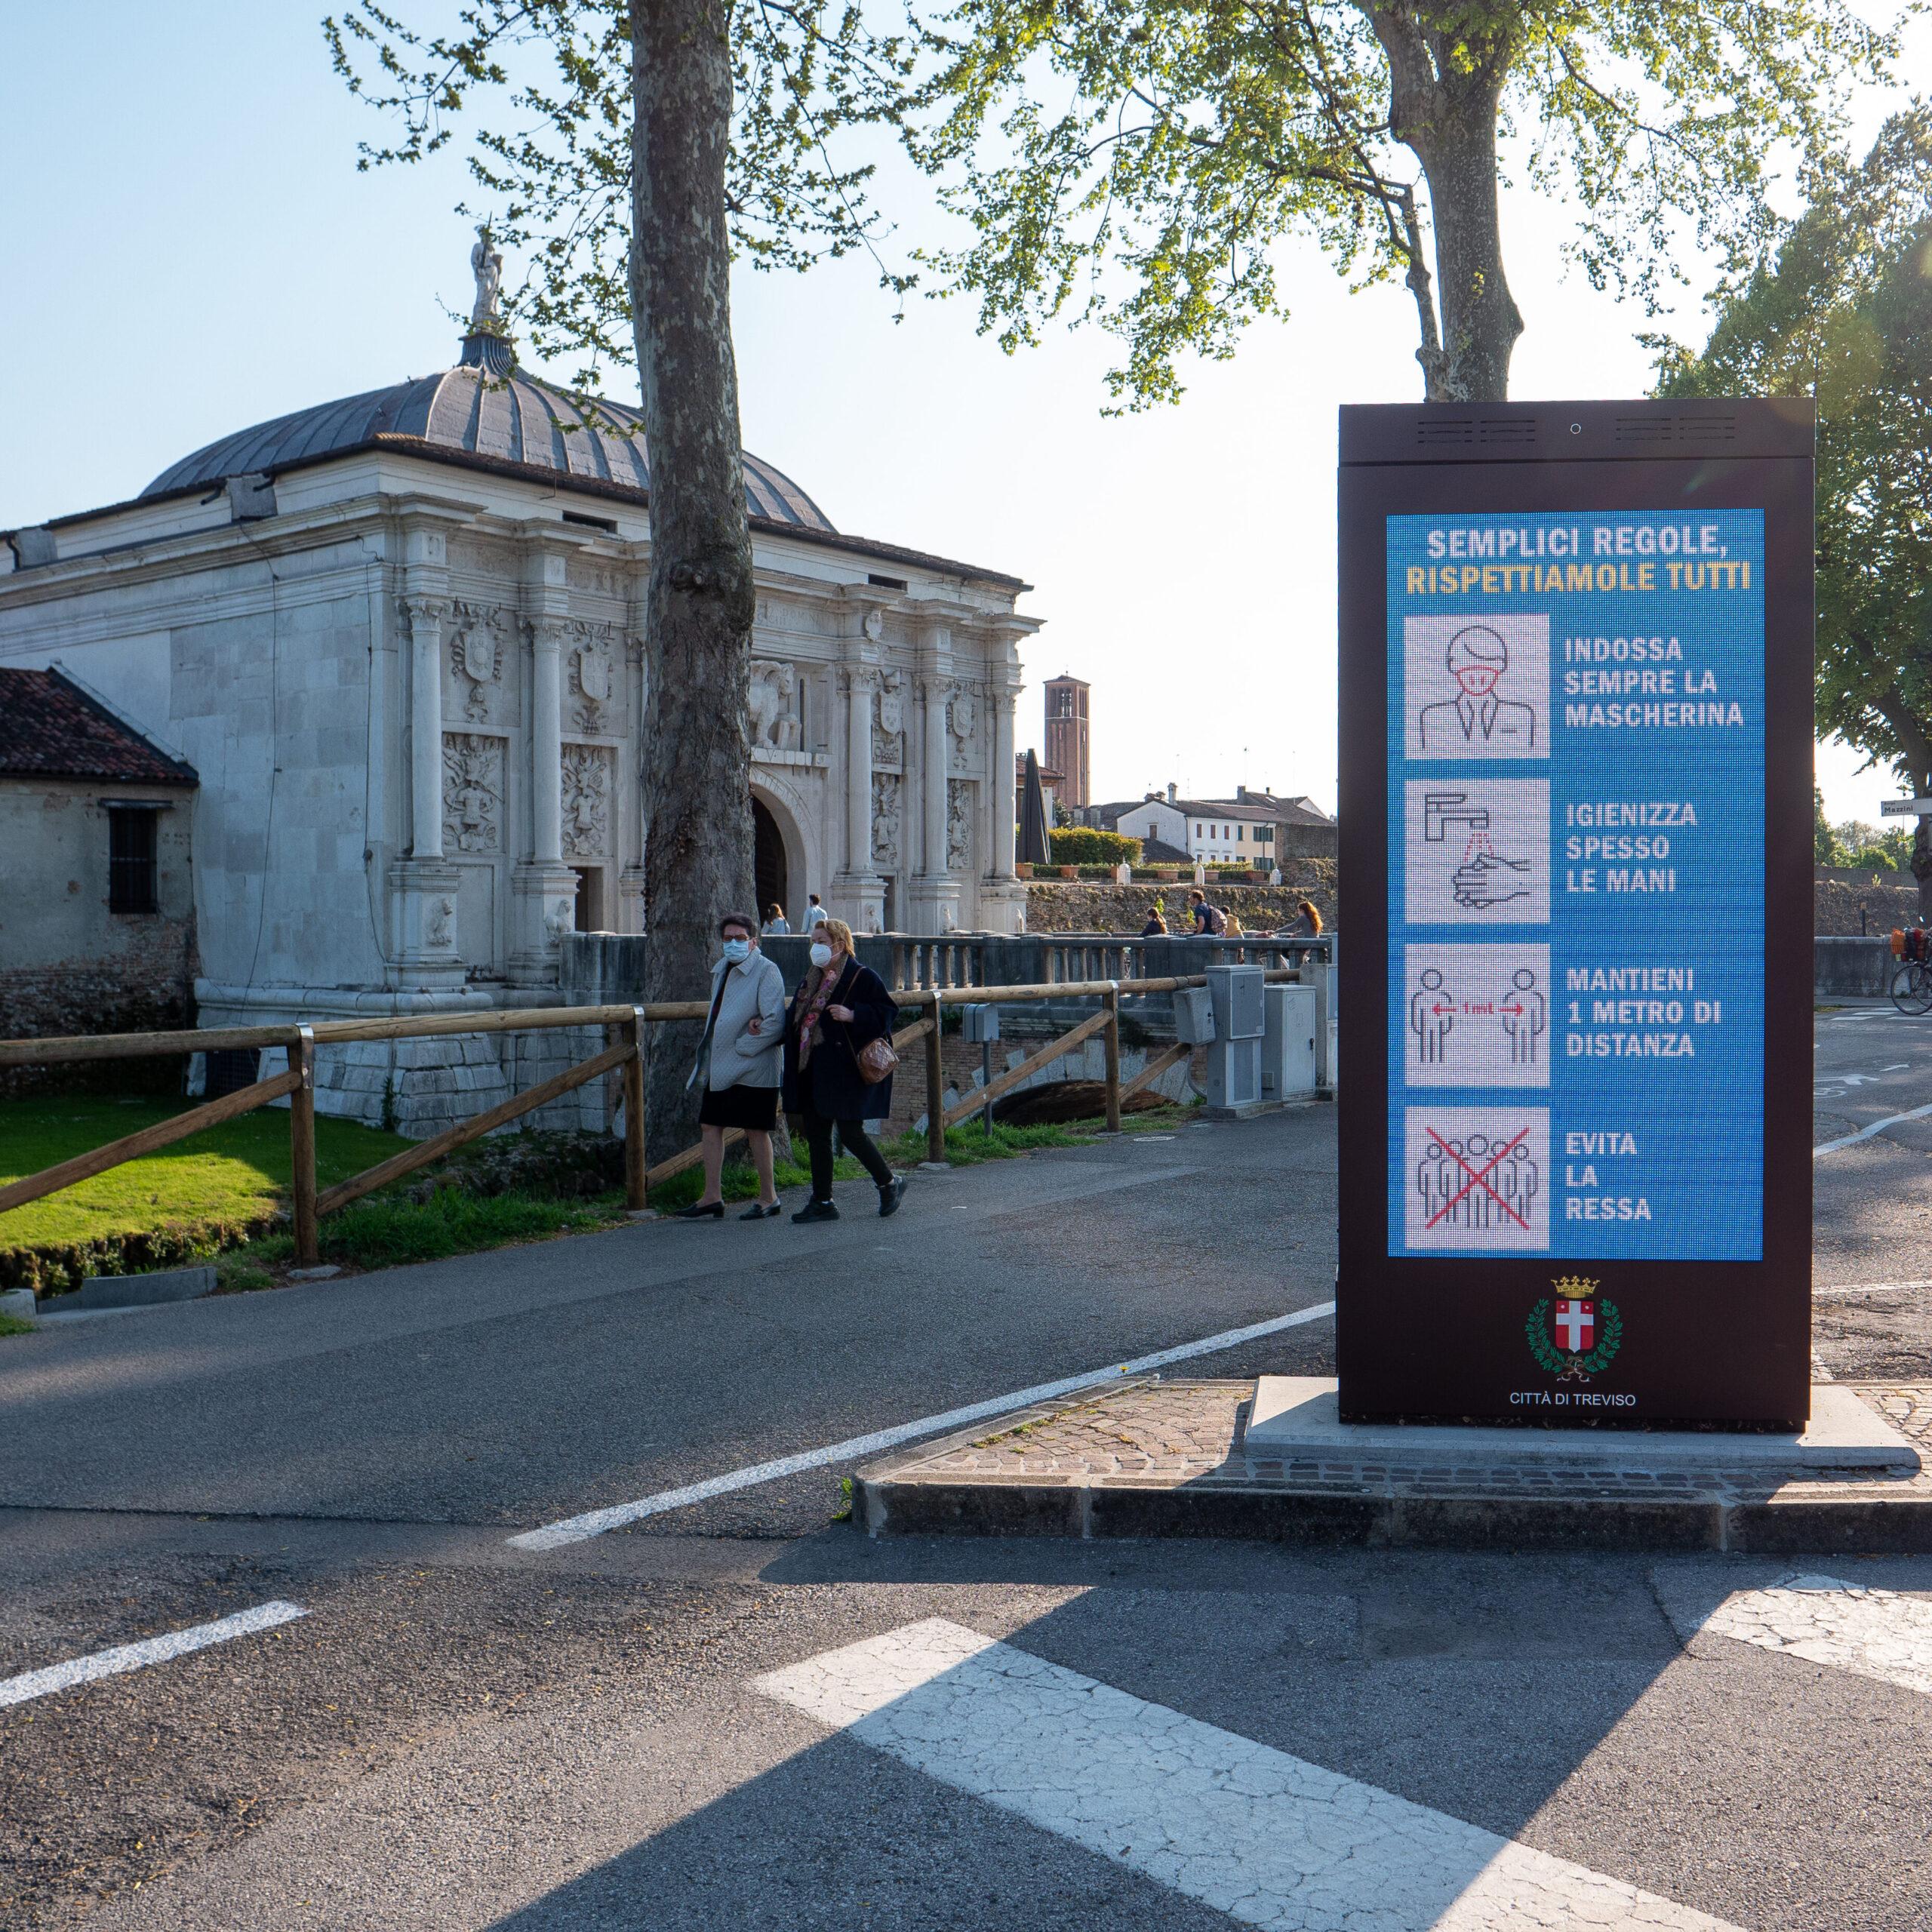 Segnaletica stradale DOOH città di Treviso realizzata con display LG. Progetto a cura di Emergo srl